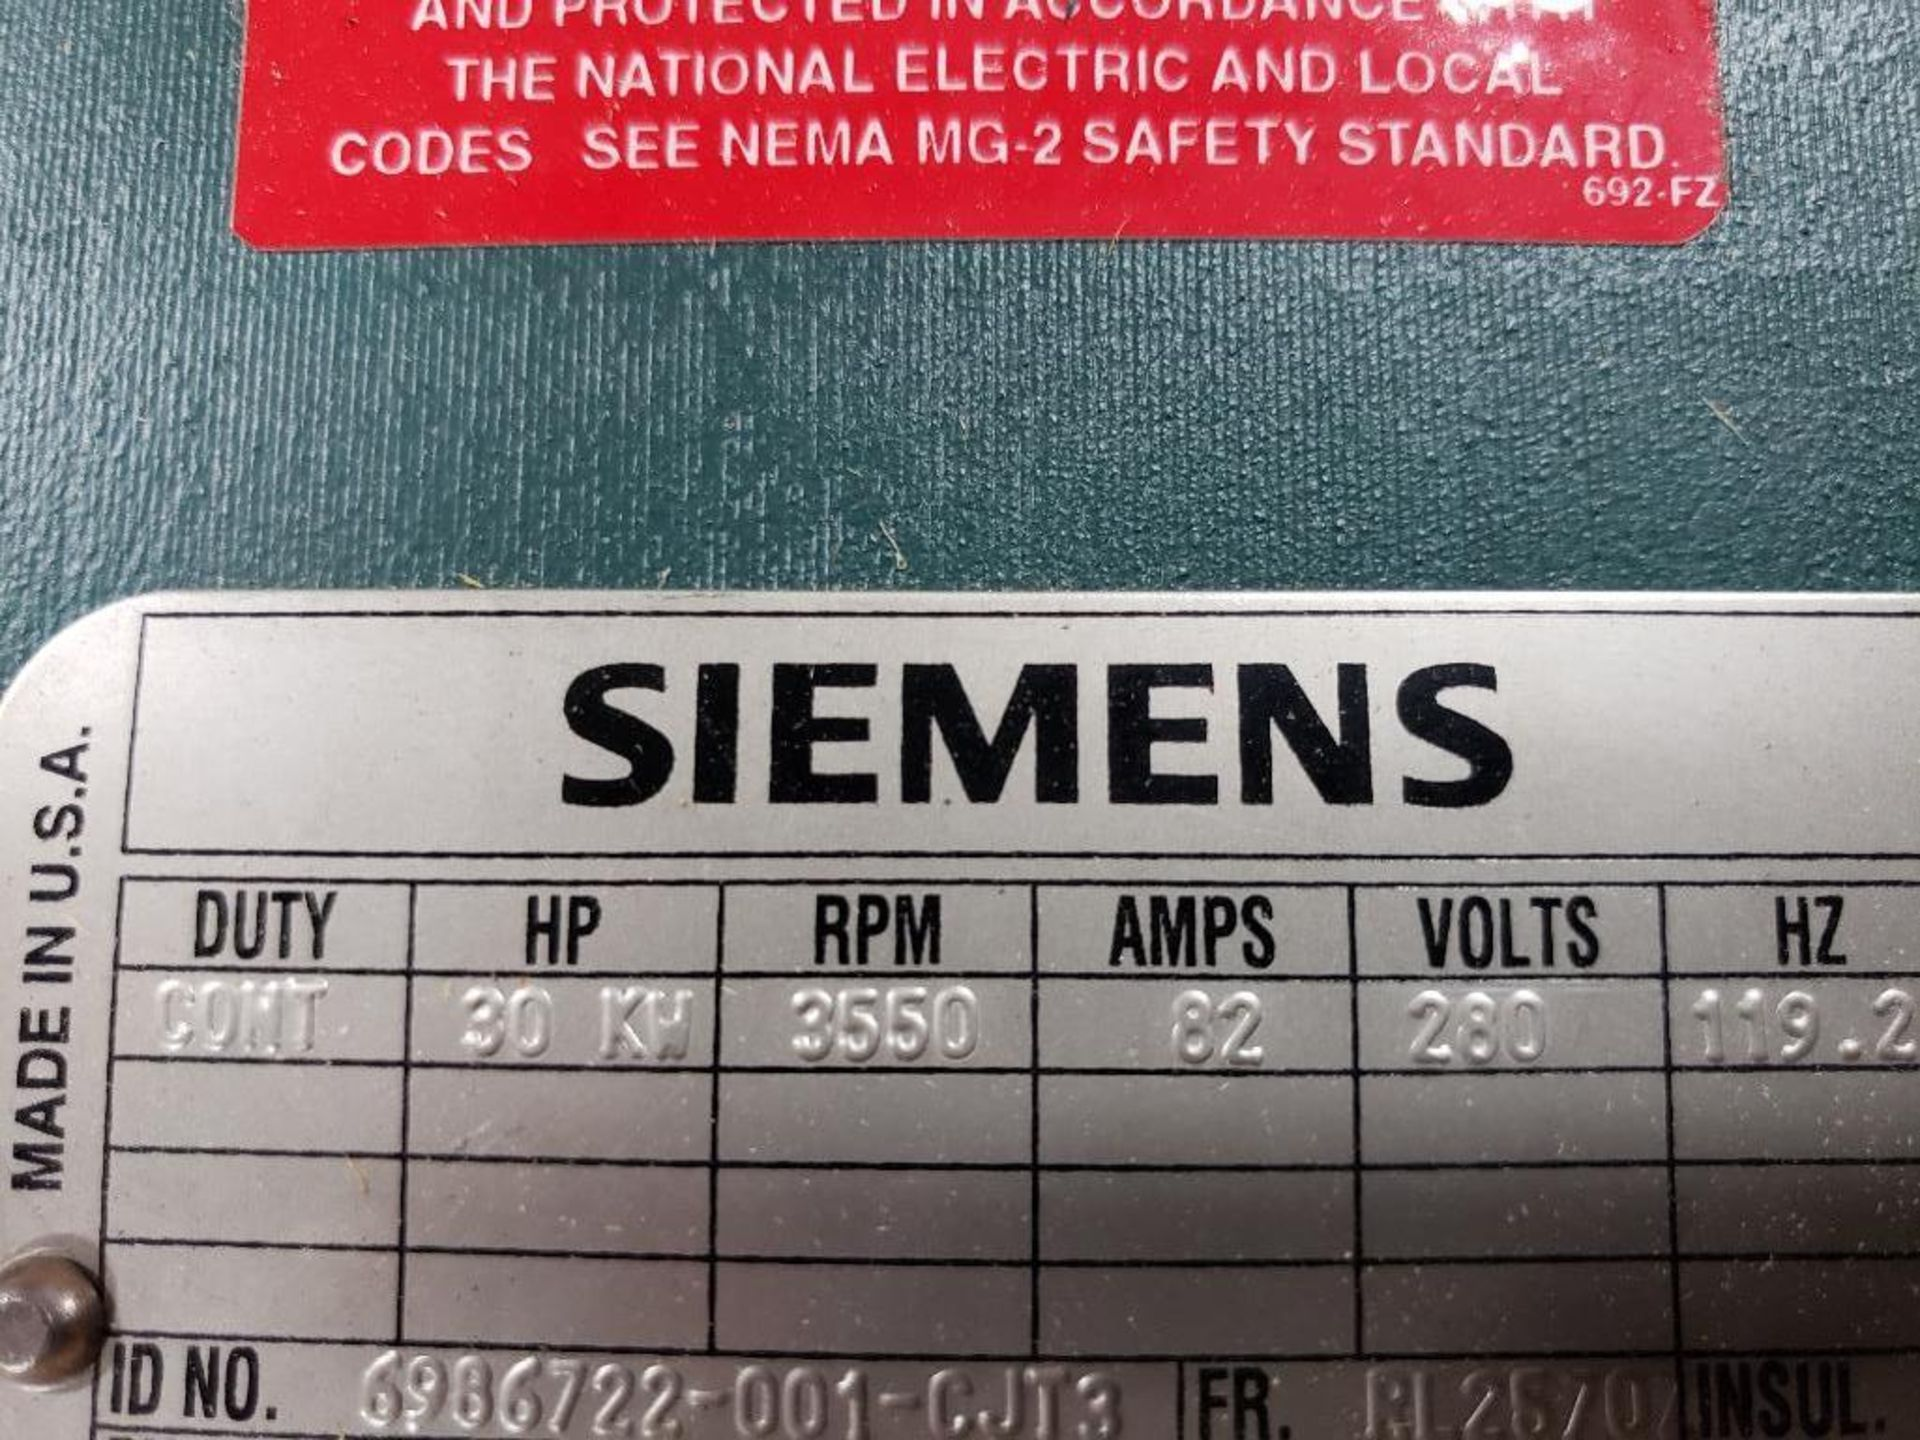 30kW Siemens 3PH Motor. 6986722-001-CJT3. 280V, 3550RM, RL2570Z-Frame. - Image 3 of 10